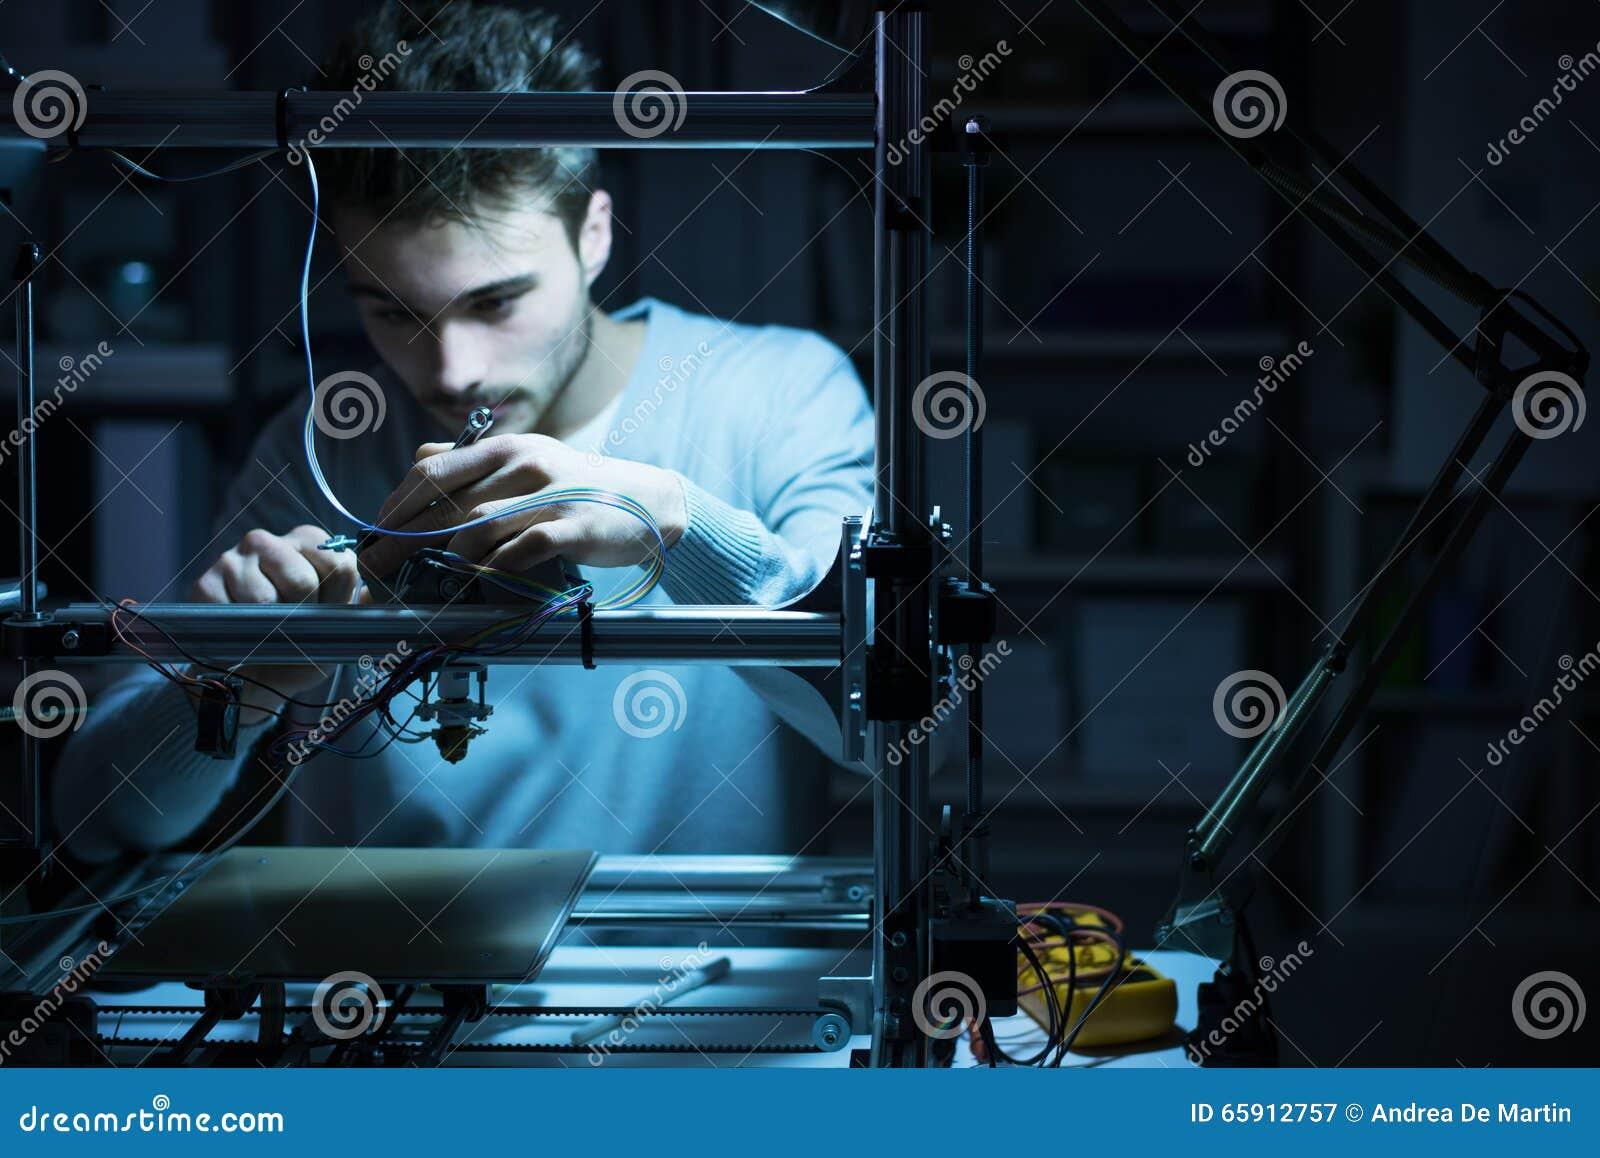 Νέος μηχανικός που εργάζεται σε έναν τρισδιάστατο εκτυπωτή